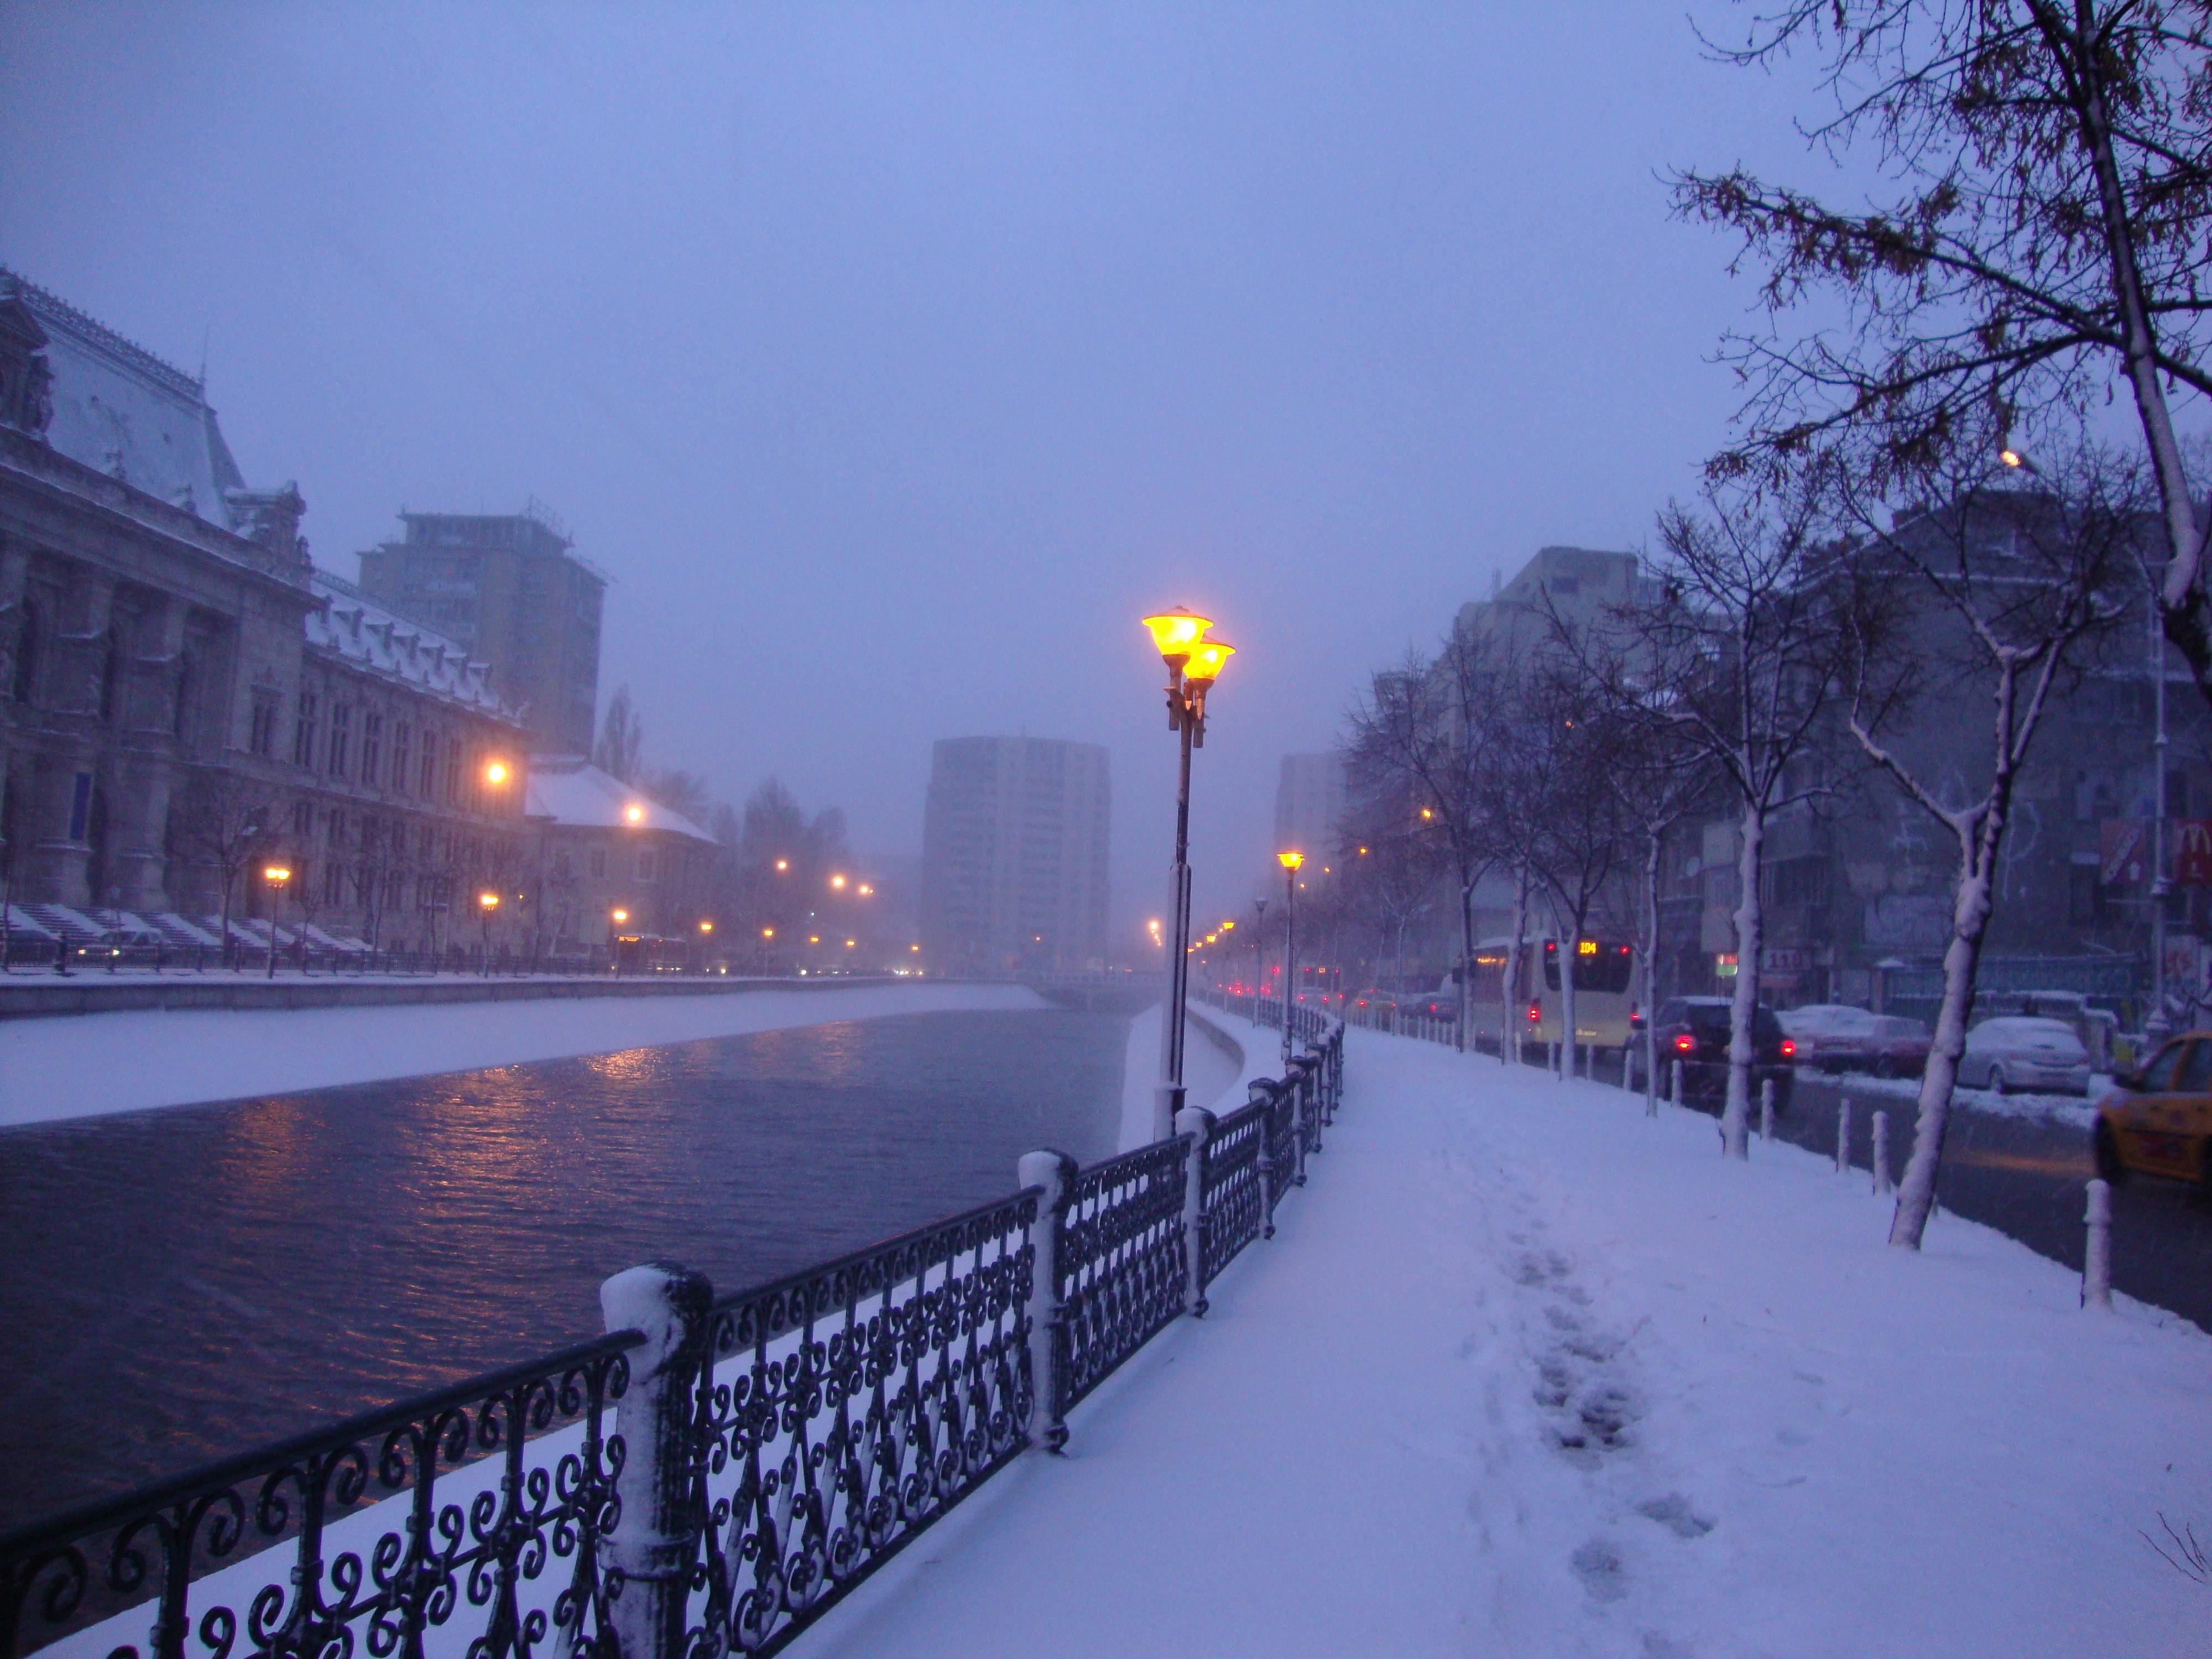 никогда рассказывала, фотографии зимних улиц окно